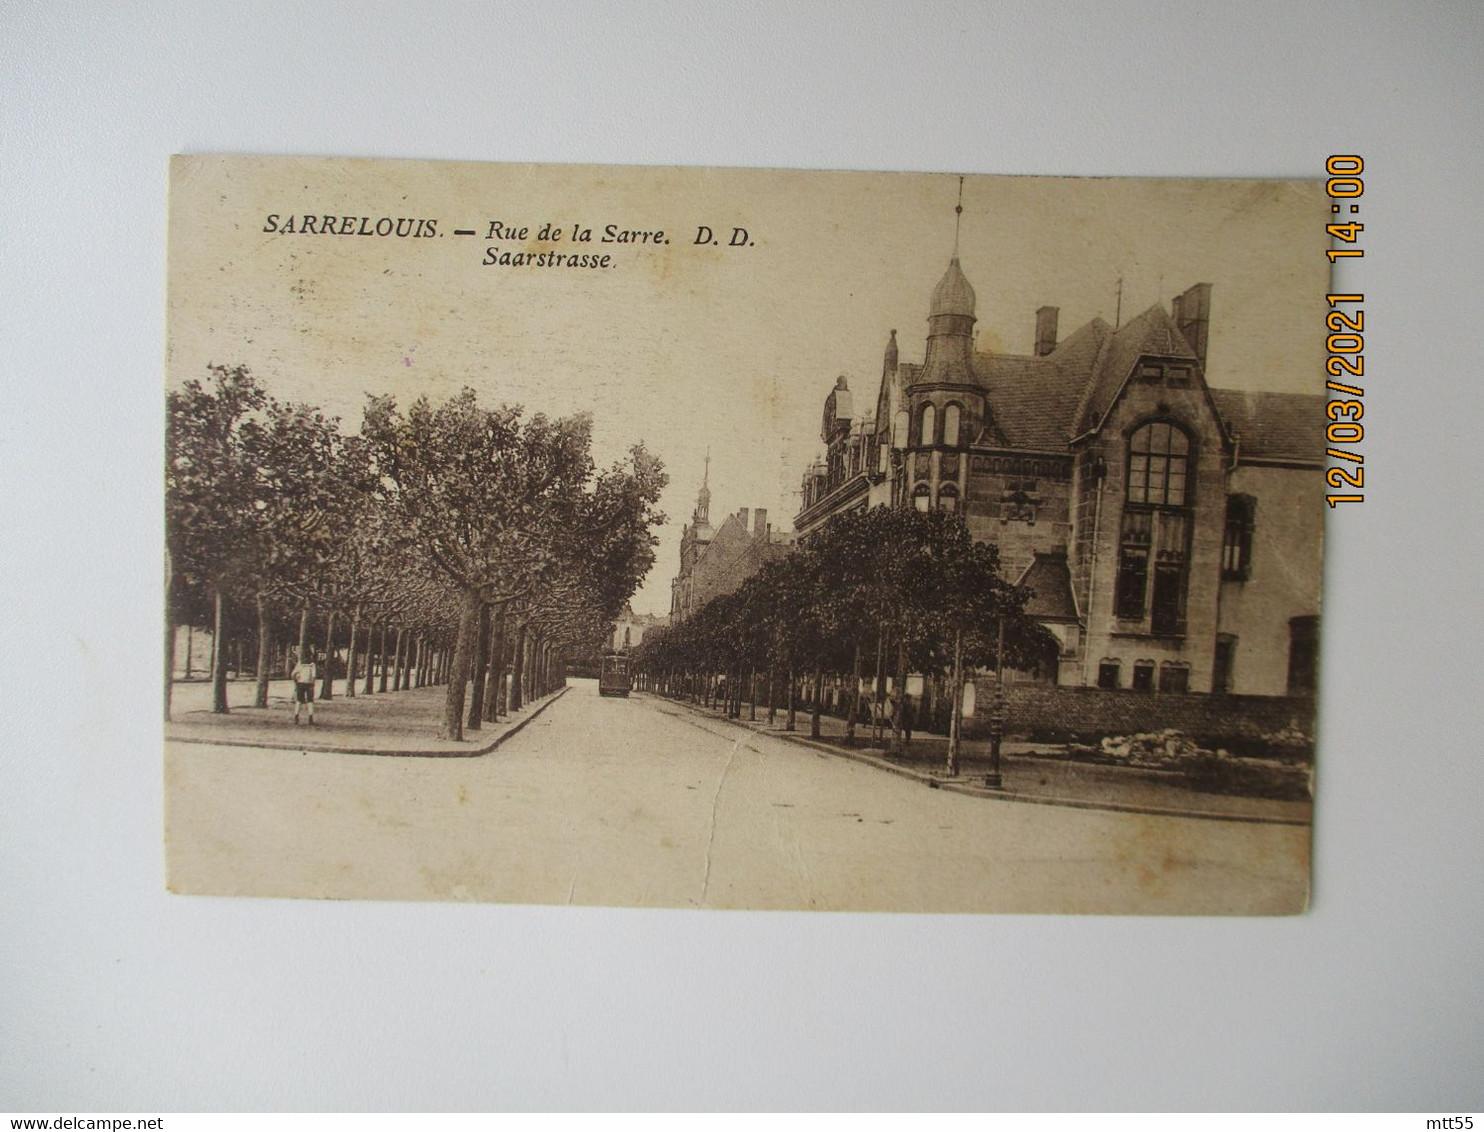 Occupation Allemagne Poste Aux Armees 219 Franchise Postale  Sur Carte Sarrelouis - 1. Weltkrieg 1914-1918